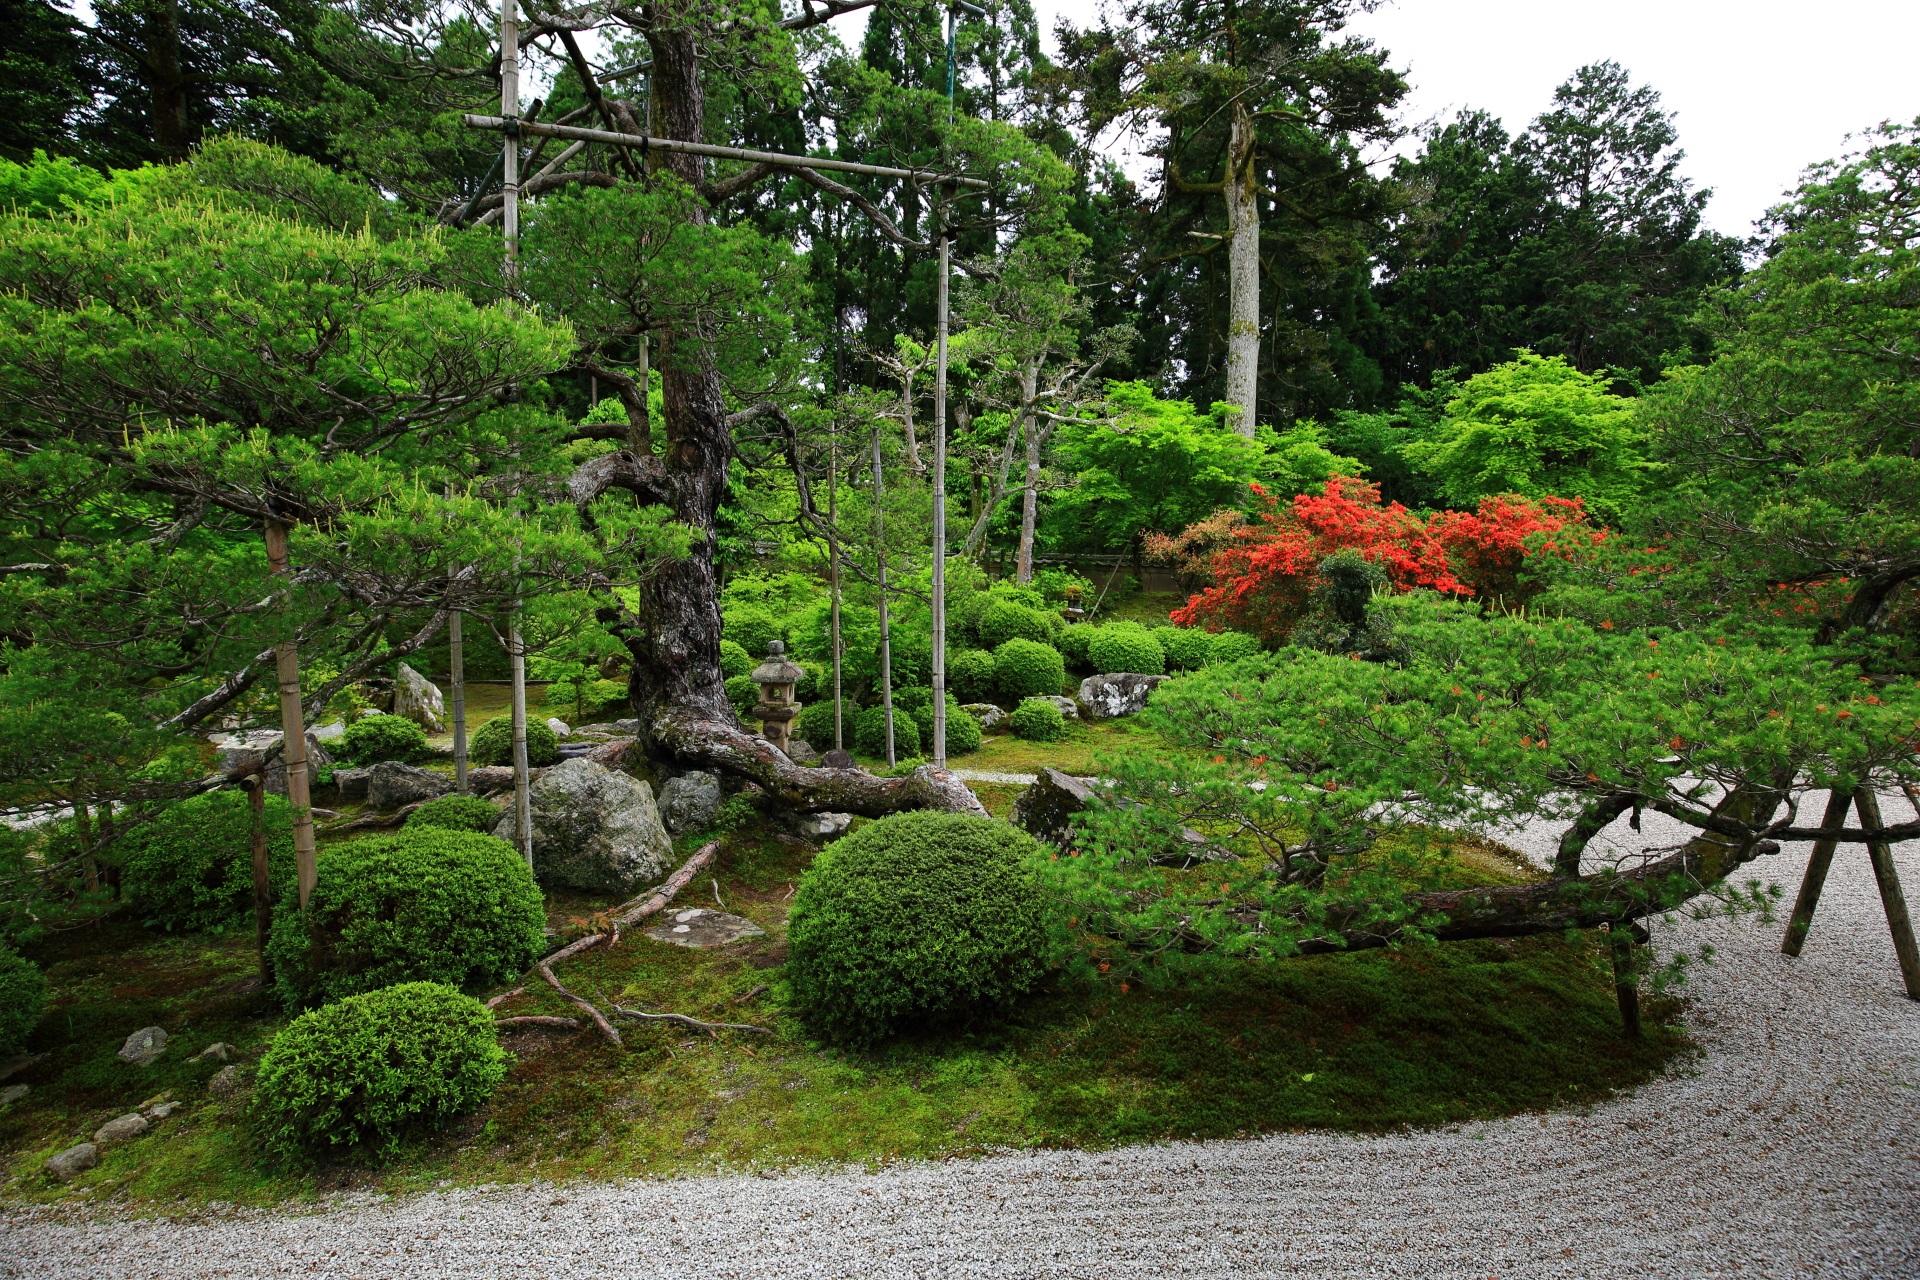 曼殊院の樹齢400年程と言われる鶴を表現した五葉松と鮮やかな赤いツツジ